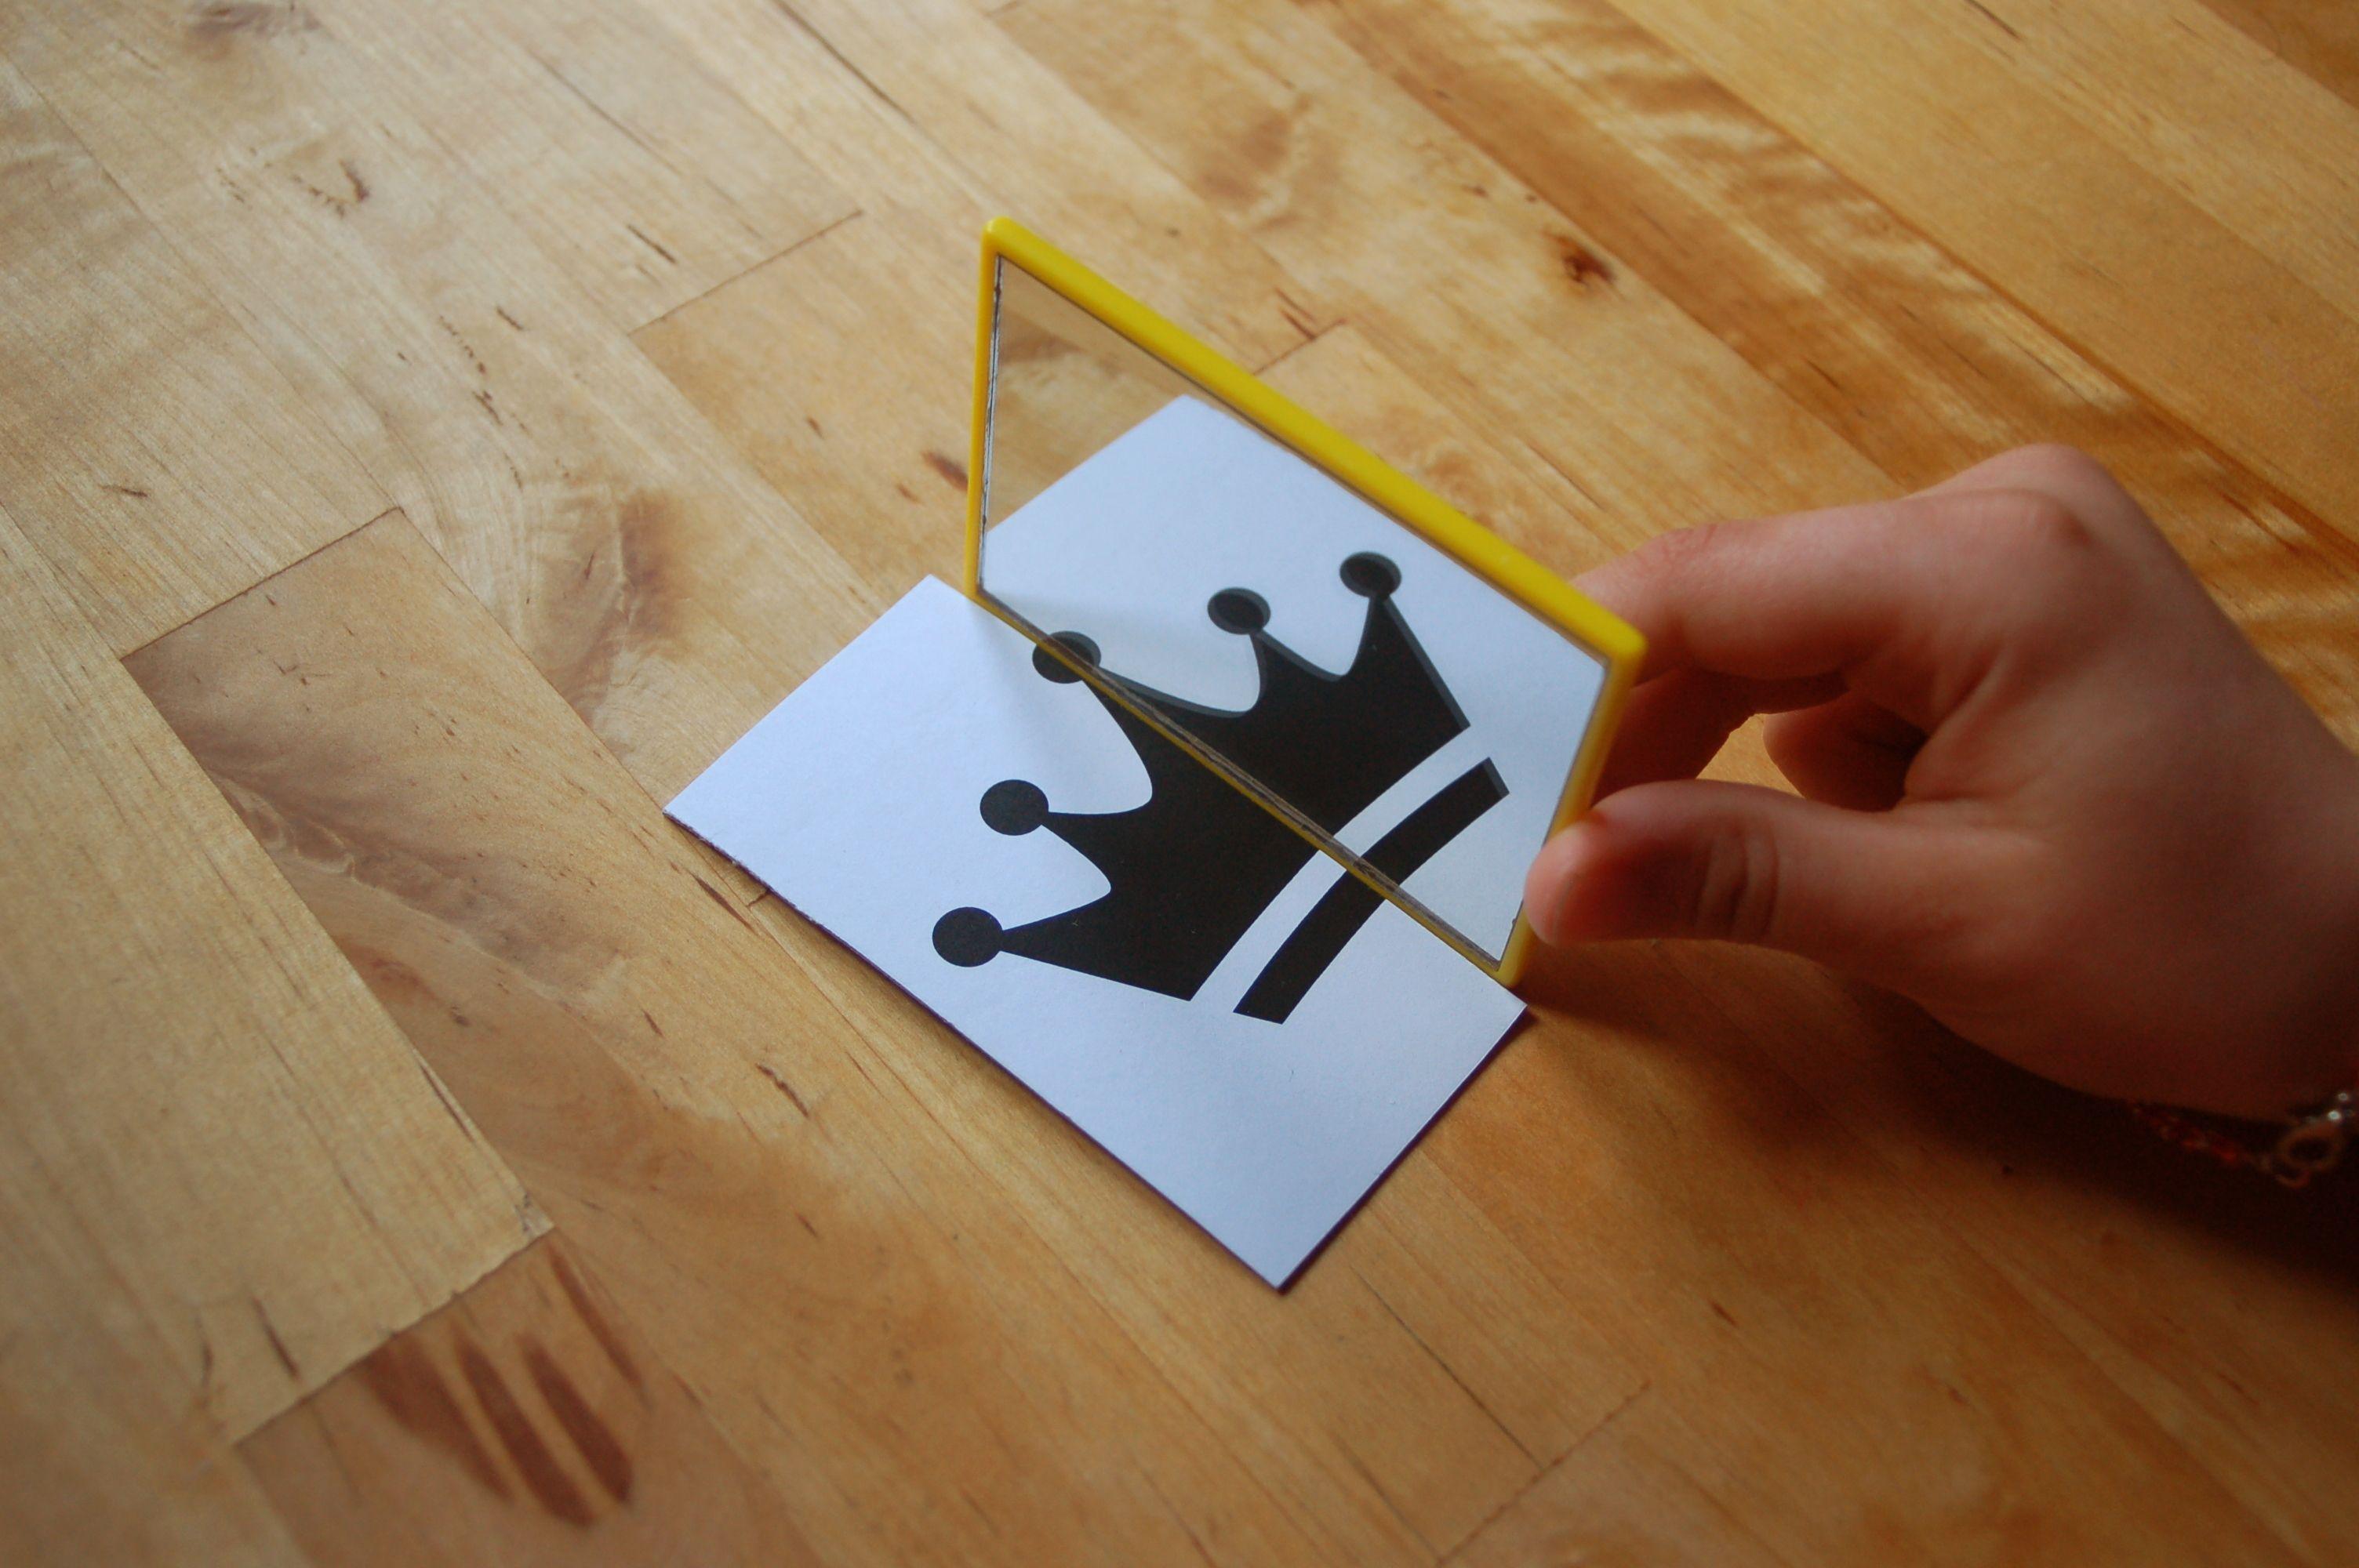 Dieses kostenlose Lernmaterial zur Achsensymmetrie könnt ihr euch ab sofort auf kiwole.de herunterladen. Viel Spaß damit! #Lernspiel #Lernmaterial #Symmetrie #Achsensymmetrie #Spiegelachse